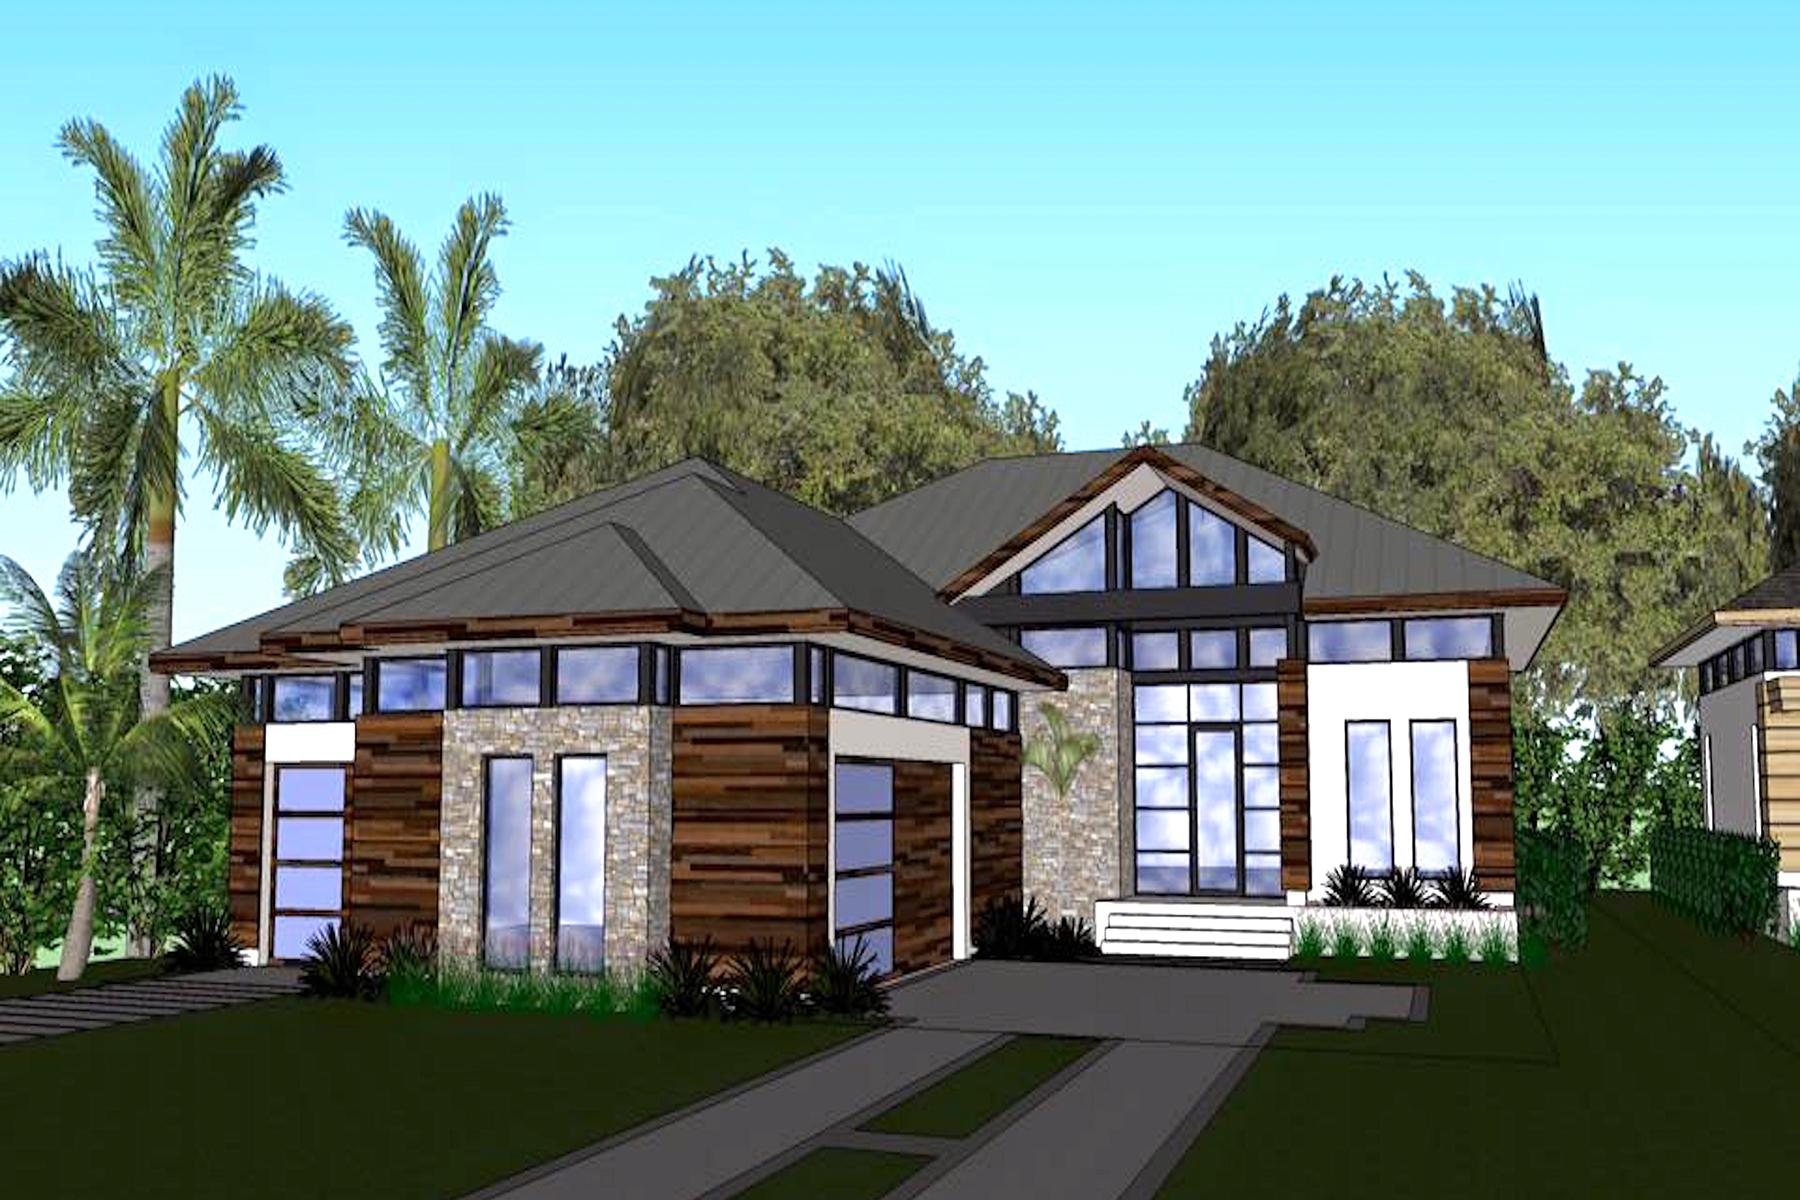 一戸建て のために 売買 アット LEGACY ESTATES 598 Lakeland Ave Lot 12 Naples, フロリダ, 34110 アメリカ合衆国